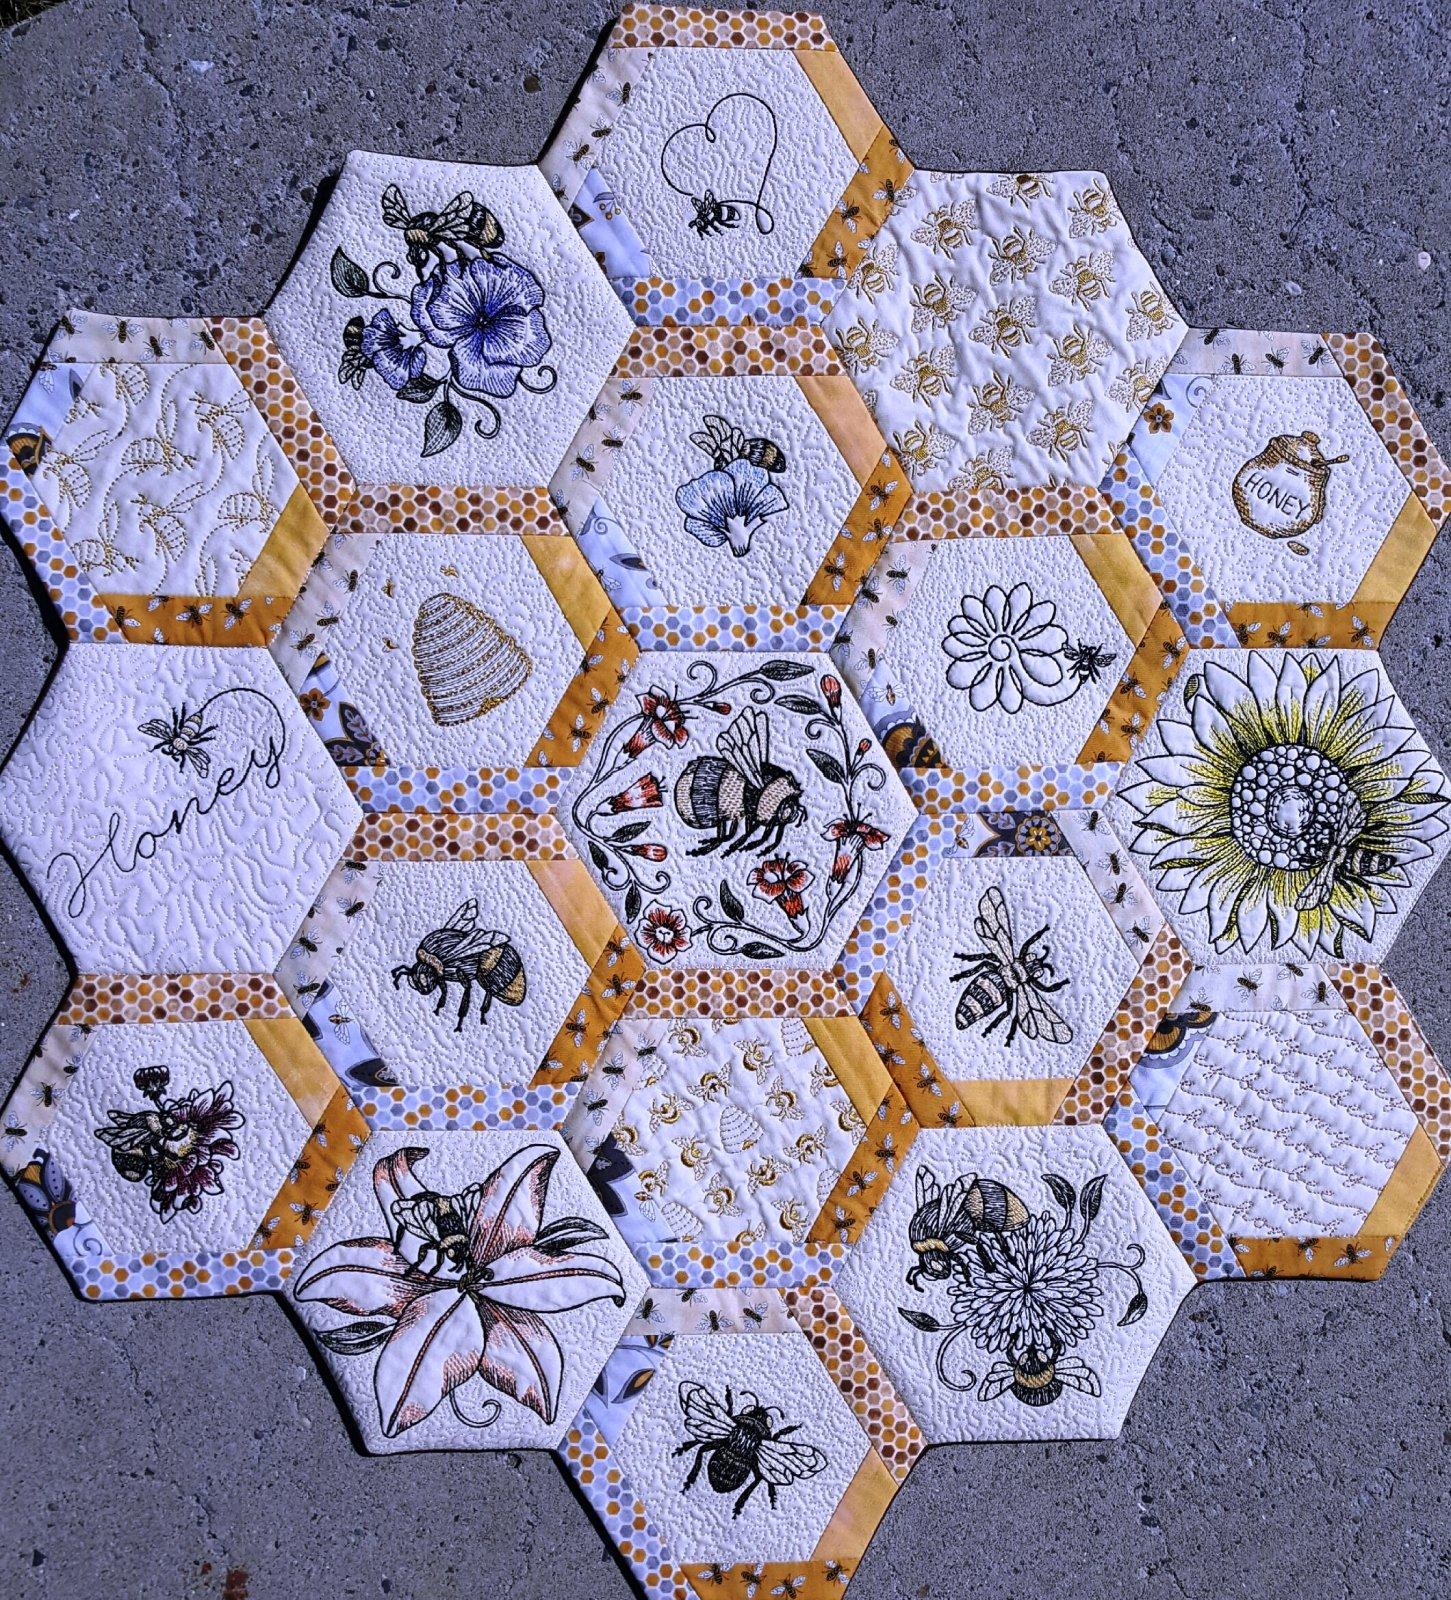 Honeycomb Quilt (Reno)- with Karen Rosselli : honeycomb quilt - Adamdwight.com